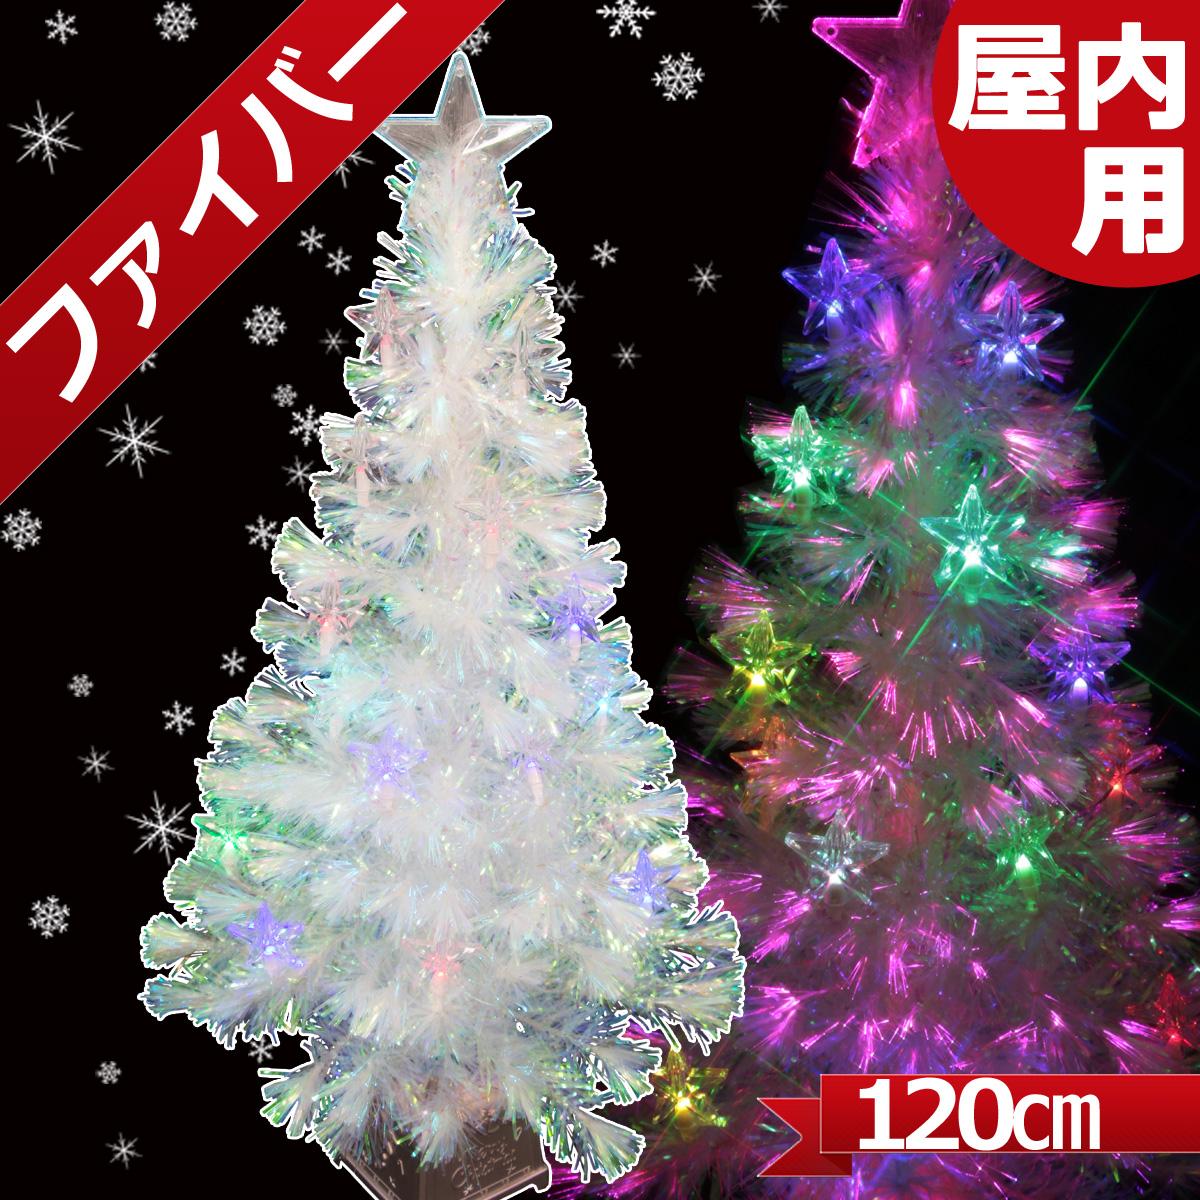 クリスマスツリー ファイバー 120cm LEDスター付き チェンジング ファイバーツリー